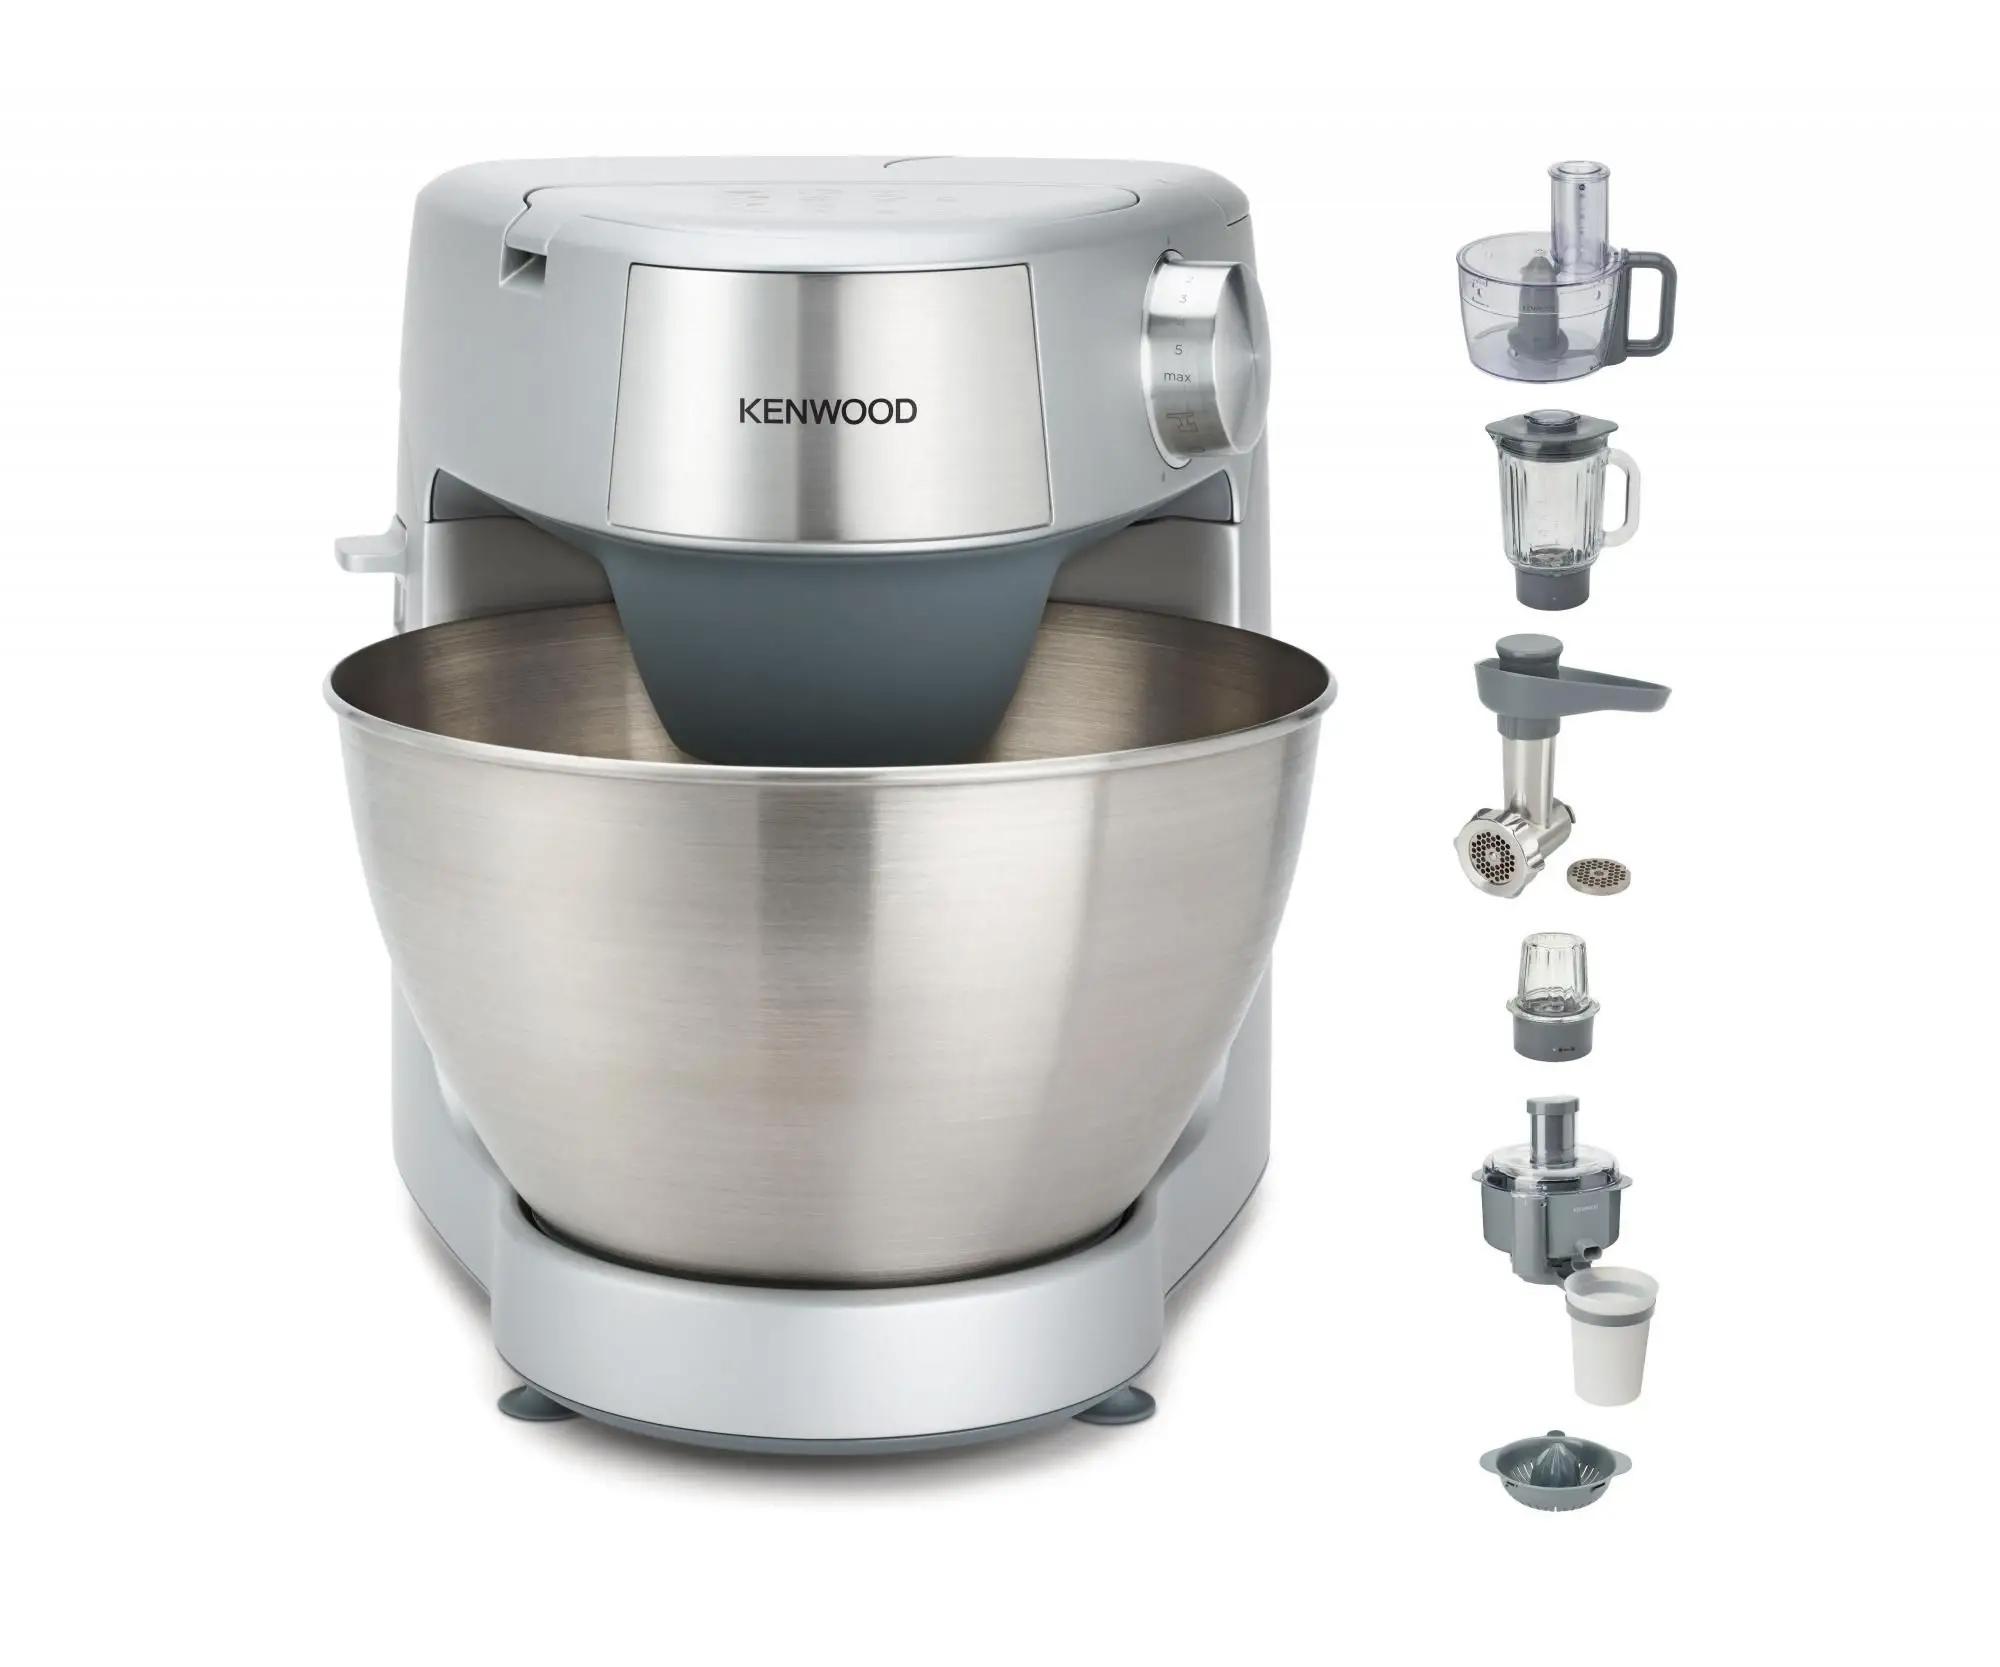 Recenzie kuchynských robotov - Kuchynský robot Kenwood KHC29.WOSI